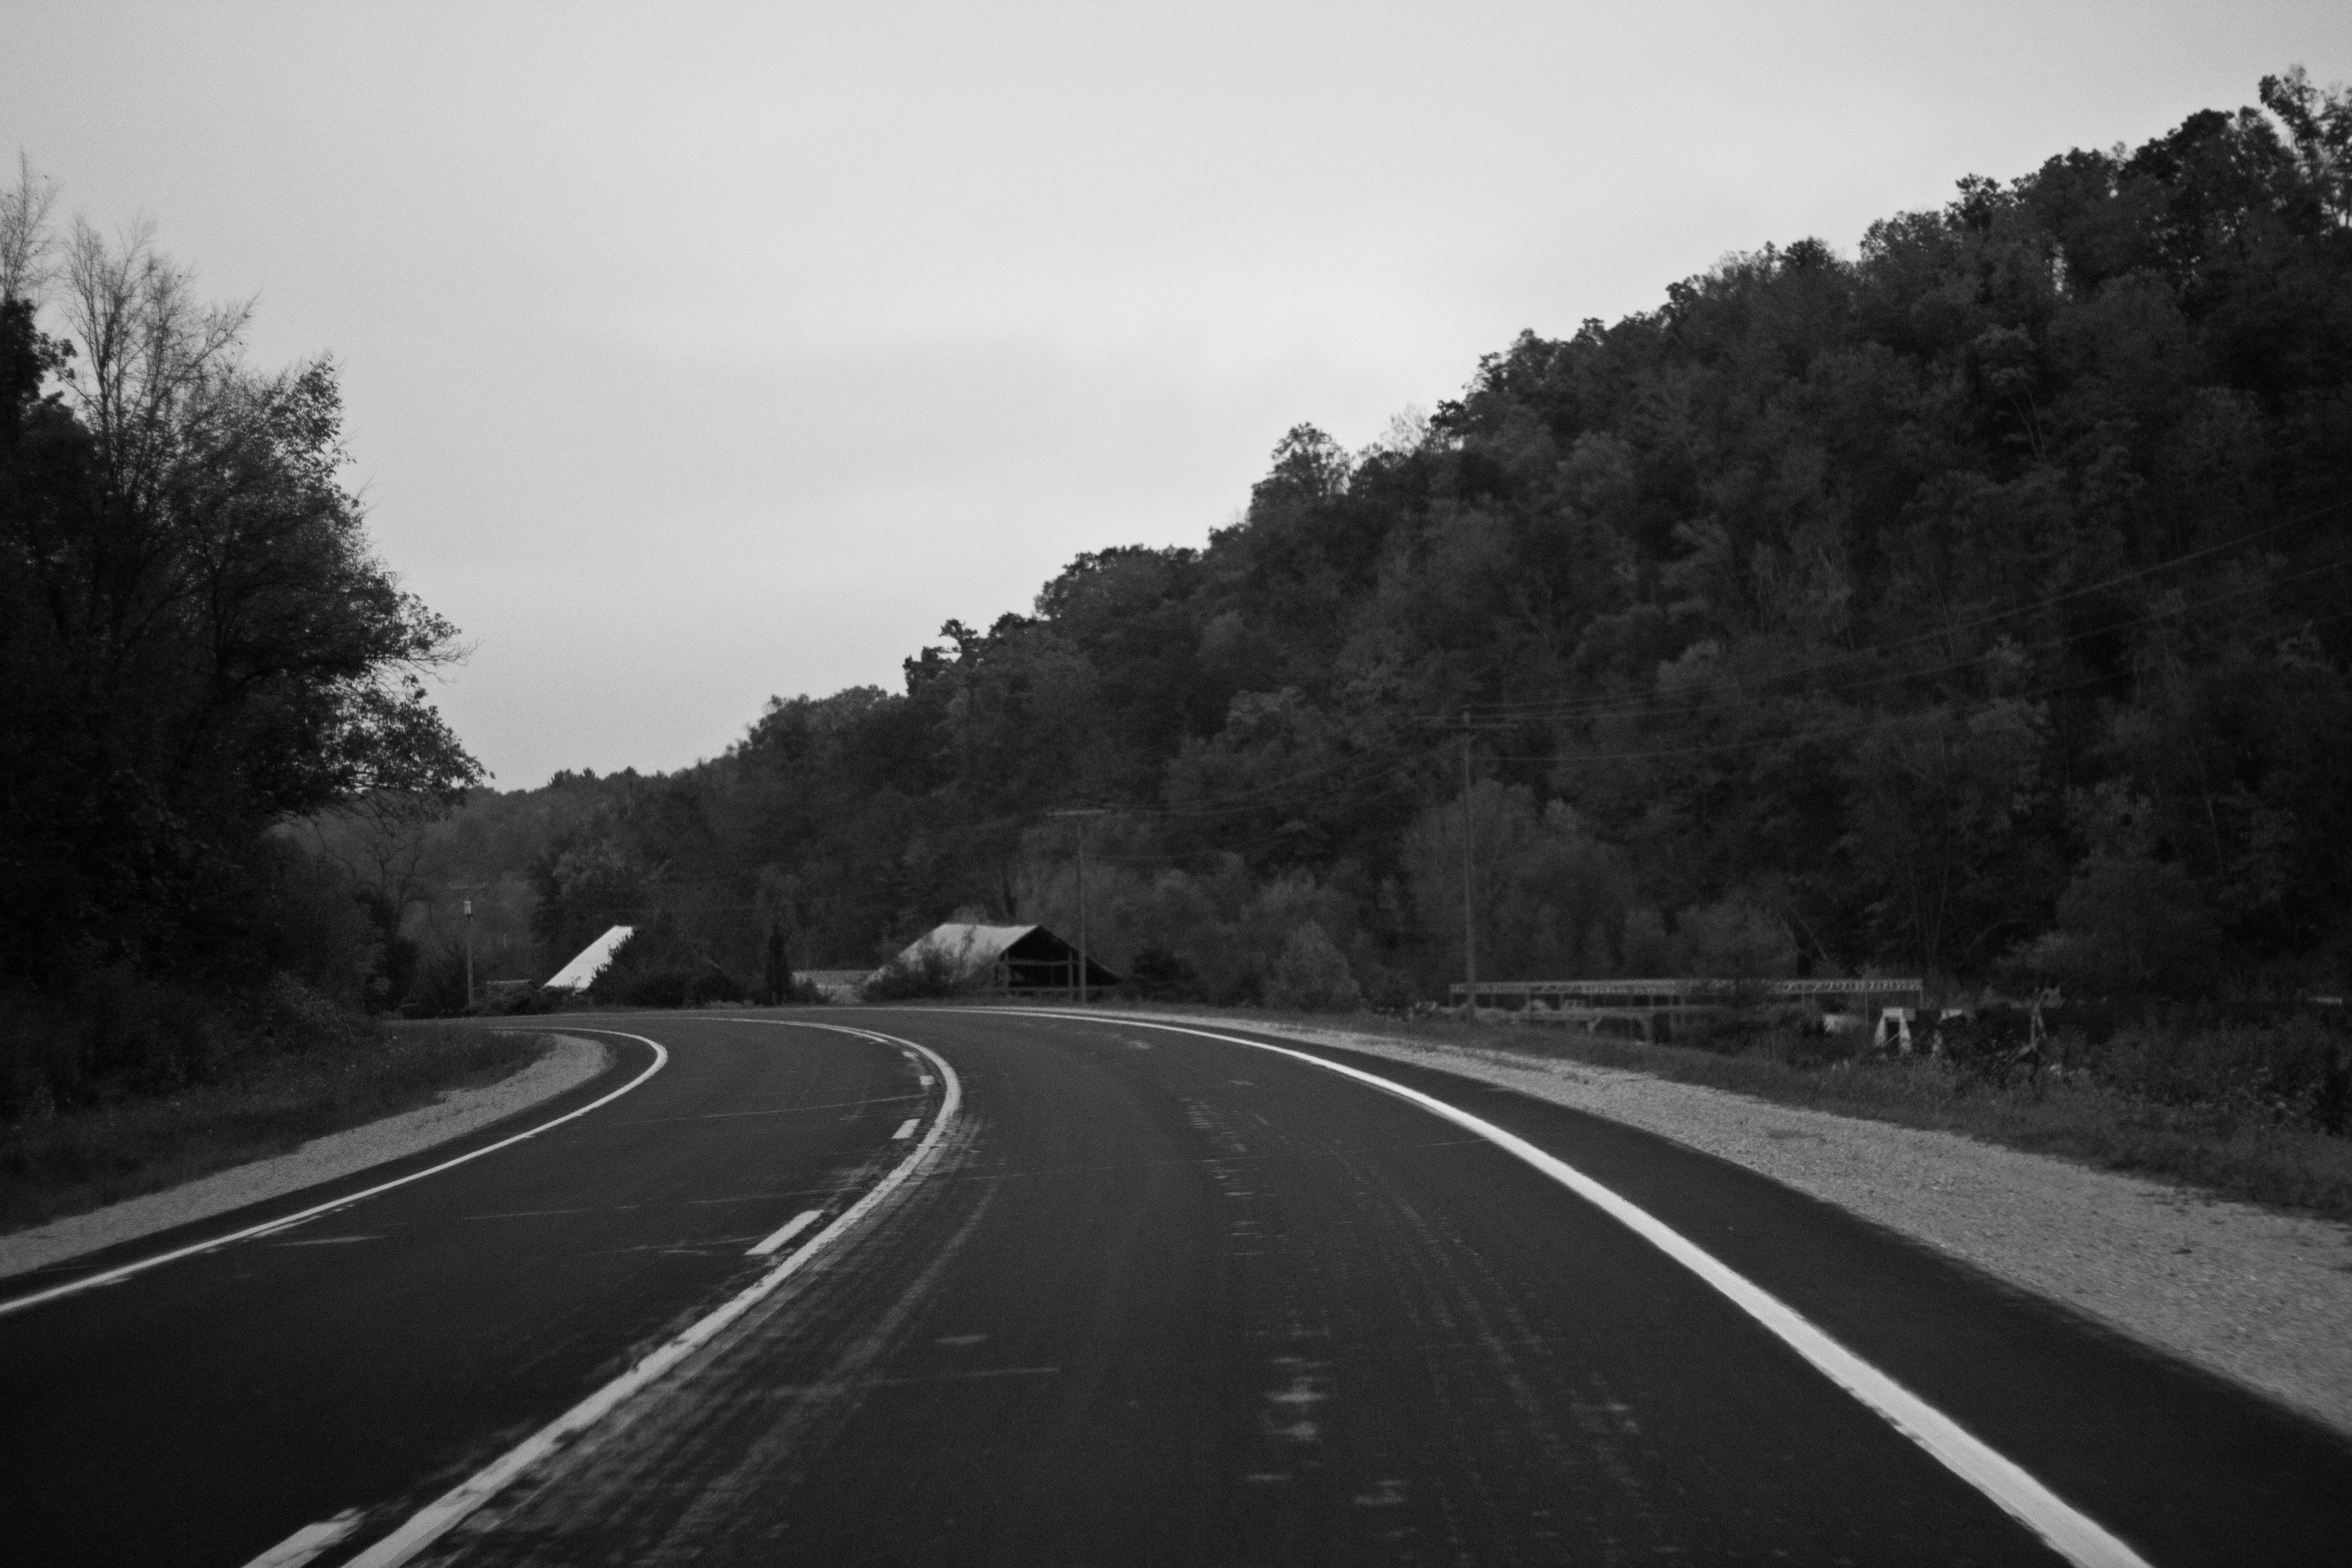 Carretera de la ruta 61 en Estados Unidos